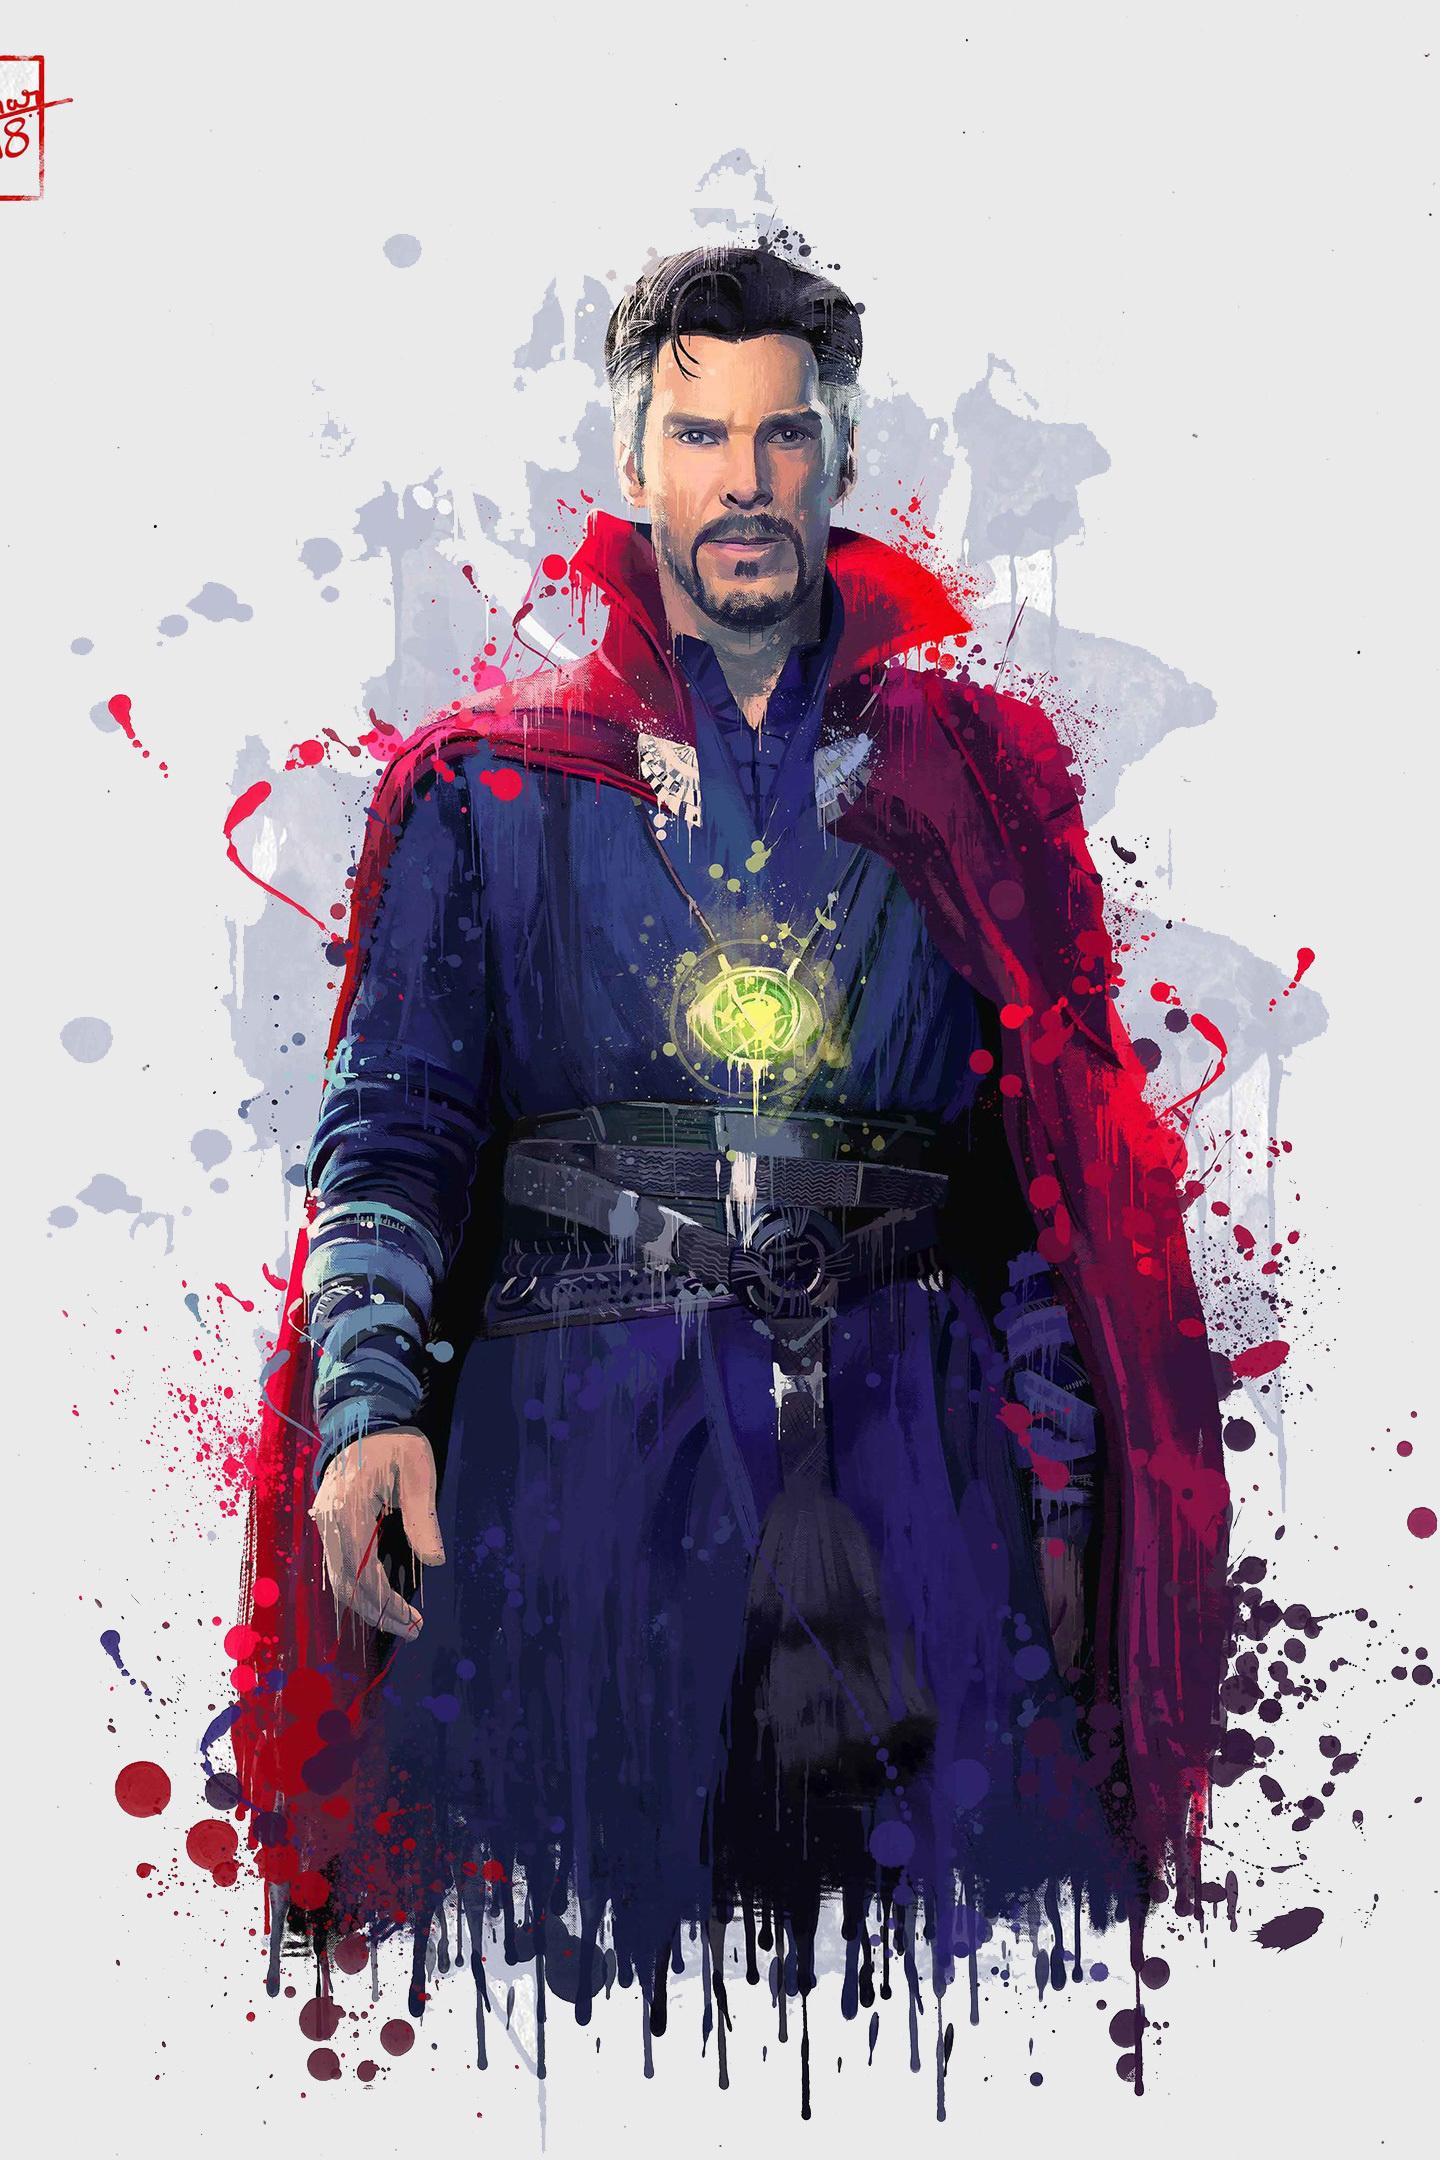 Doctor Strange, Avengers: infinity war, artwork, 1440x2880 wallpaper